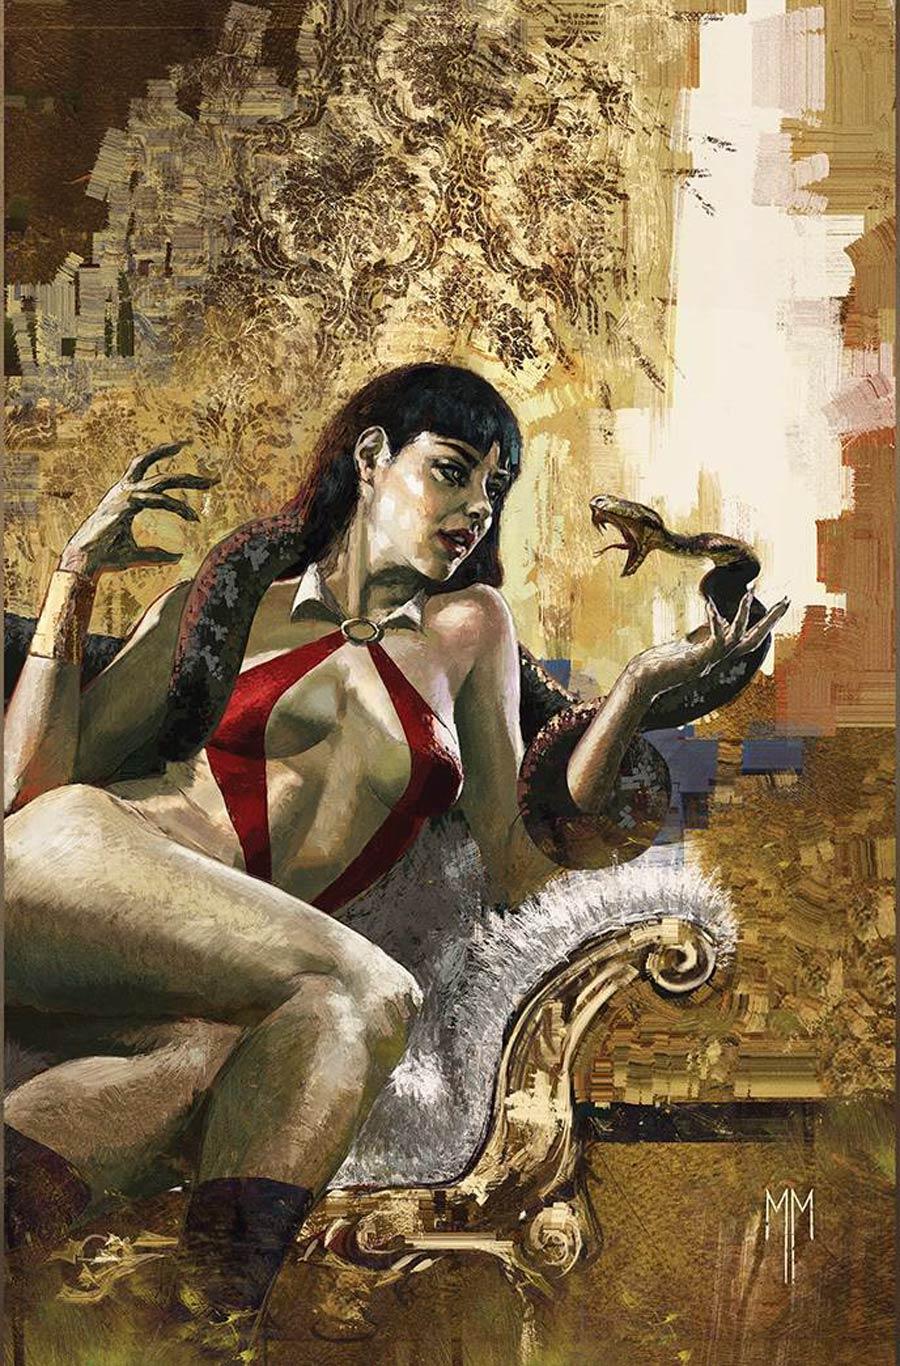 Vampirella Vol 8 #23 Cover M Limited Edition Marco Mastrazzo Virgin Cover